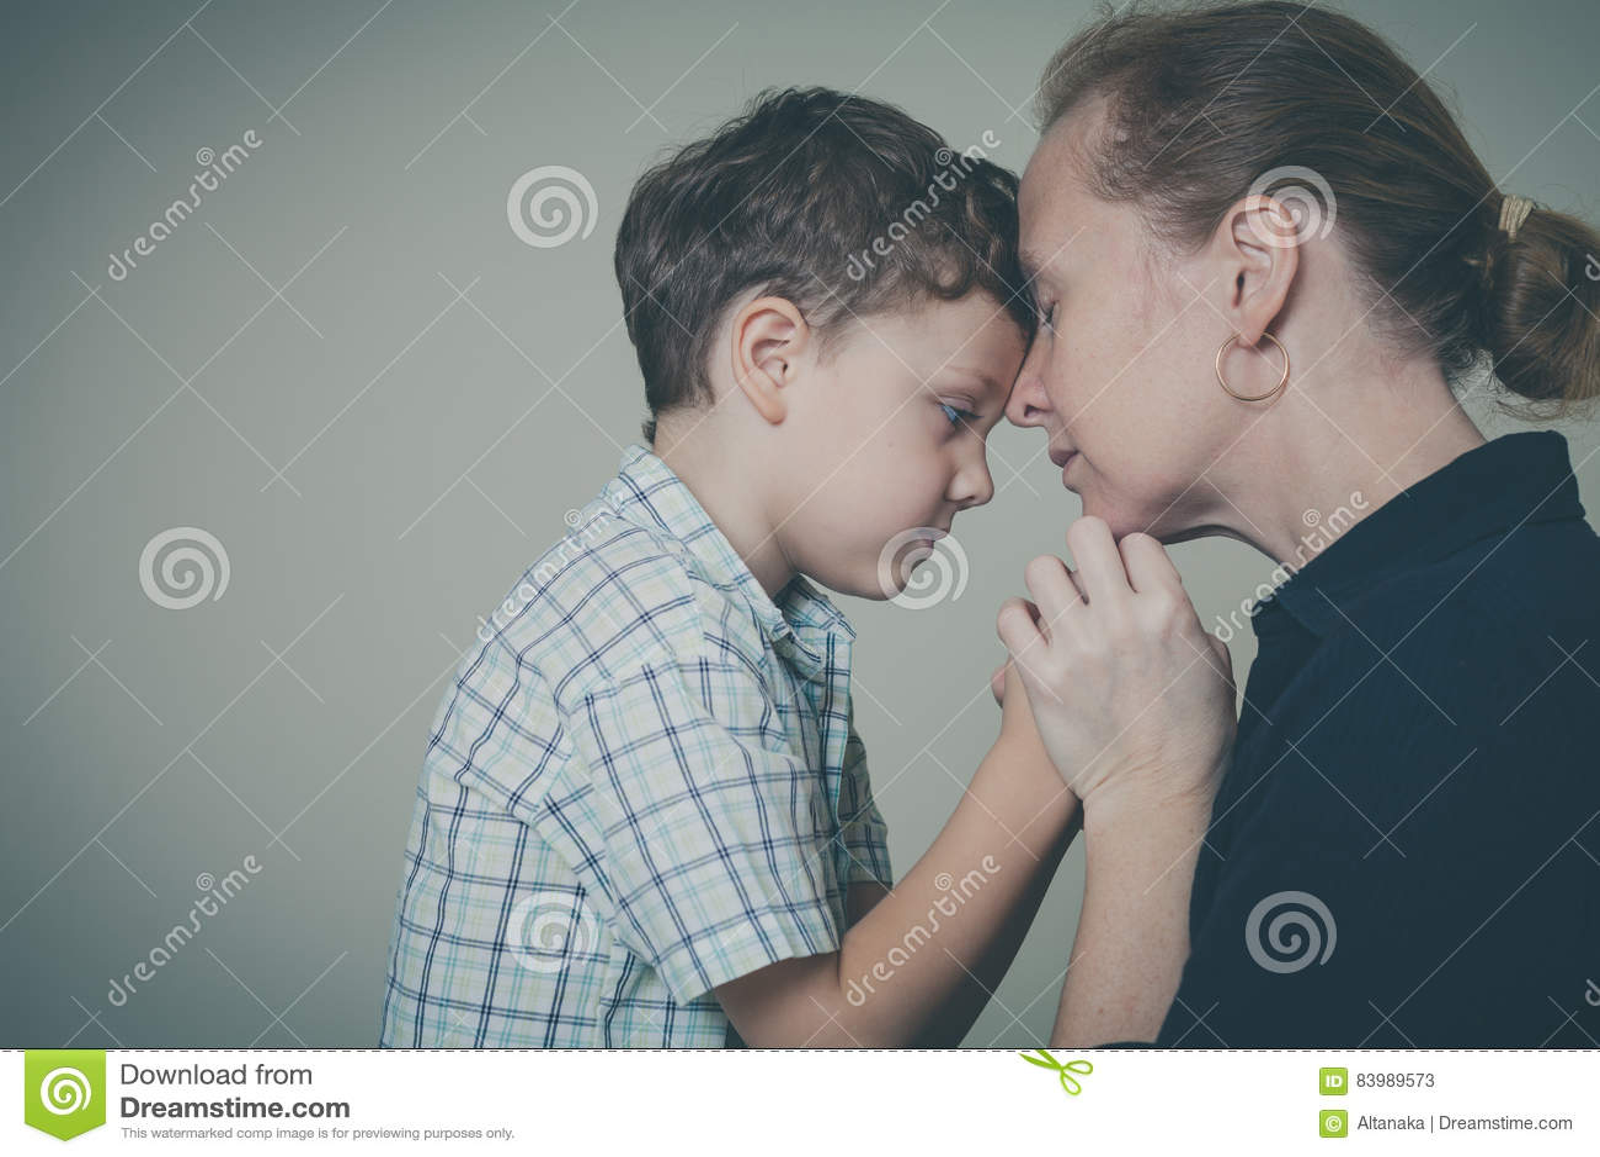 zoon dating zijn moeder